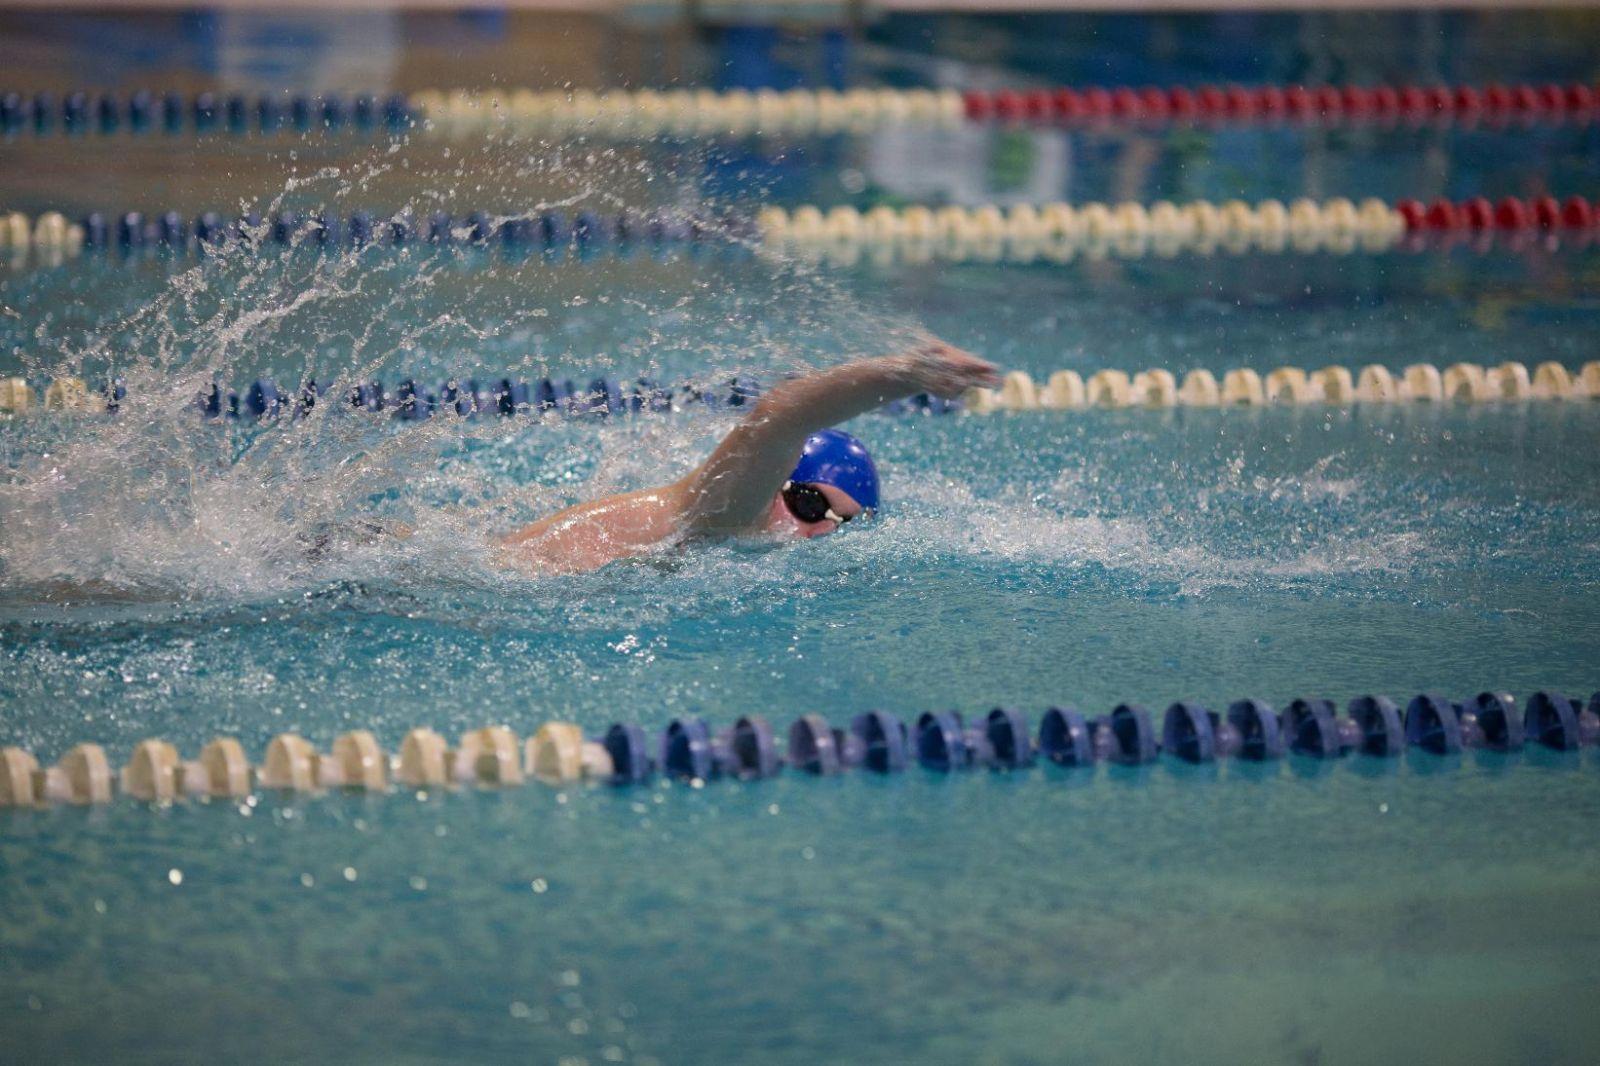 Более 250 спортсменов ведут борьбу за медали первенства России по плаванию спорта лиц с ПОДА в Смоленске